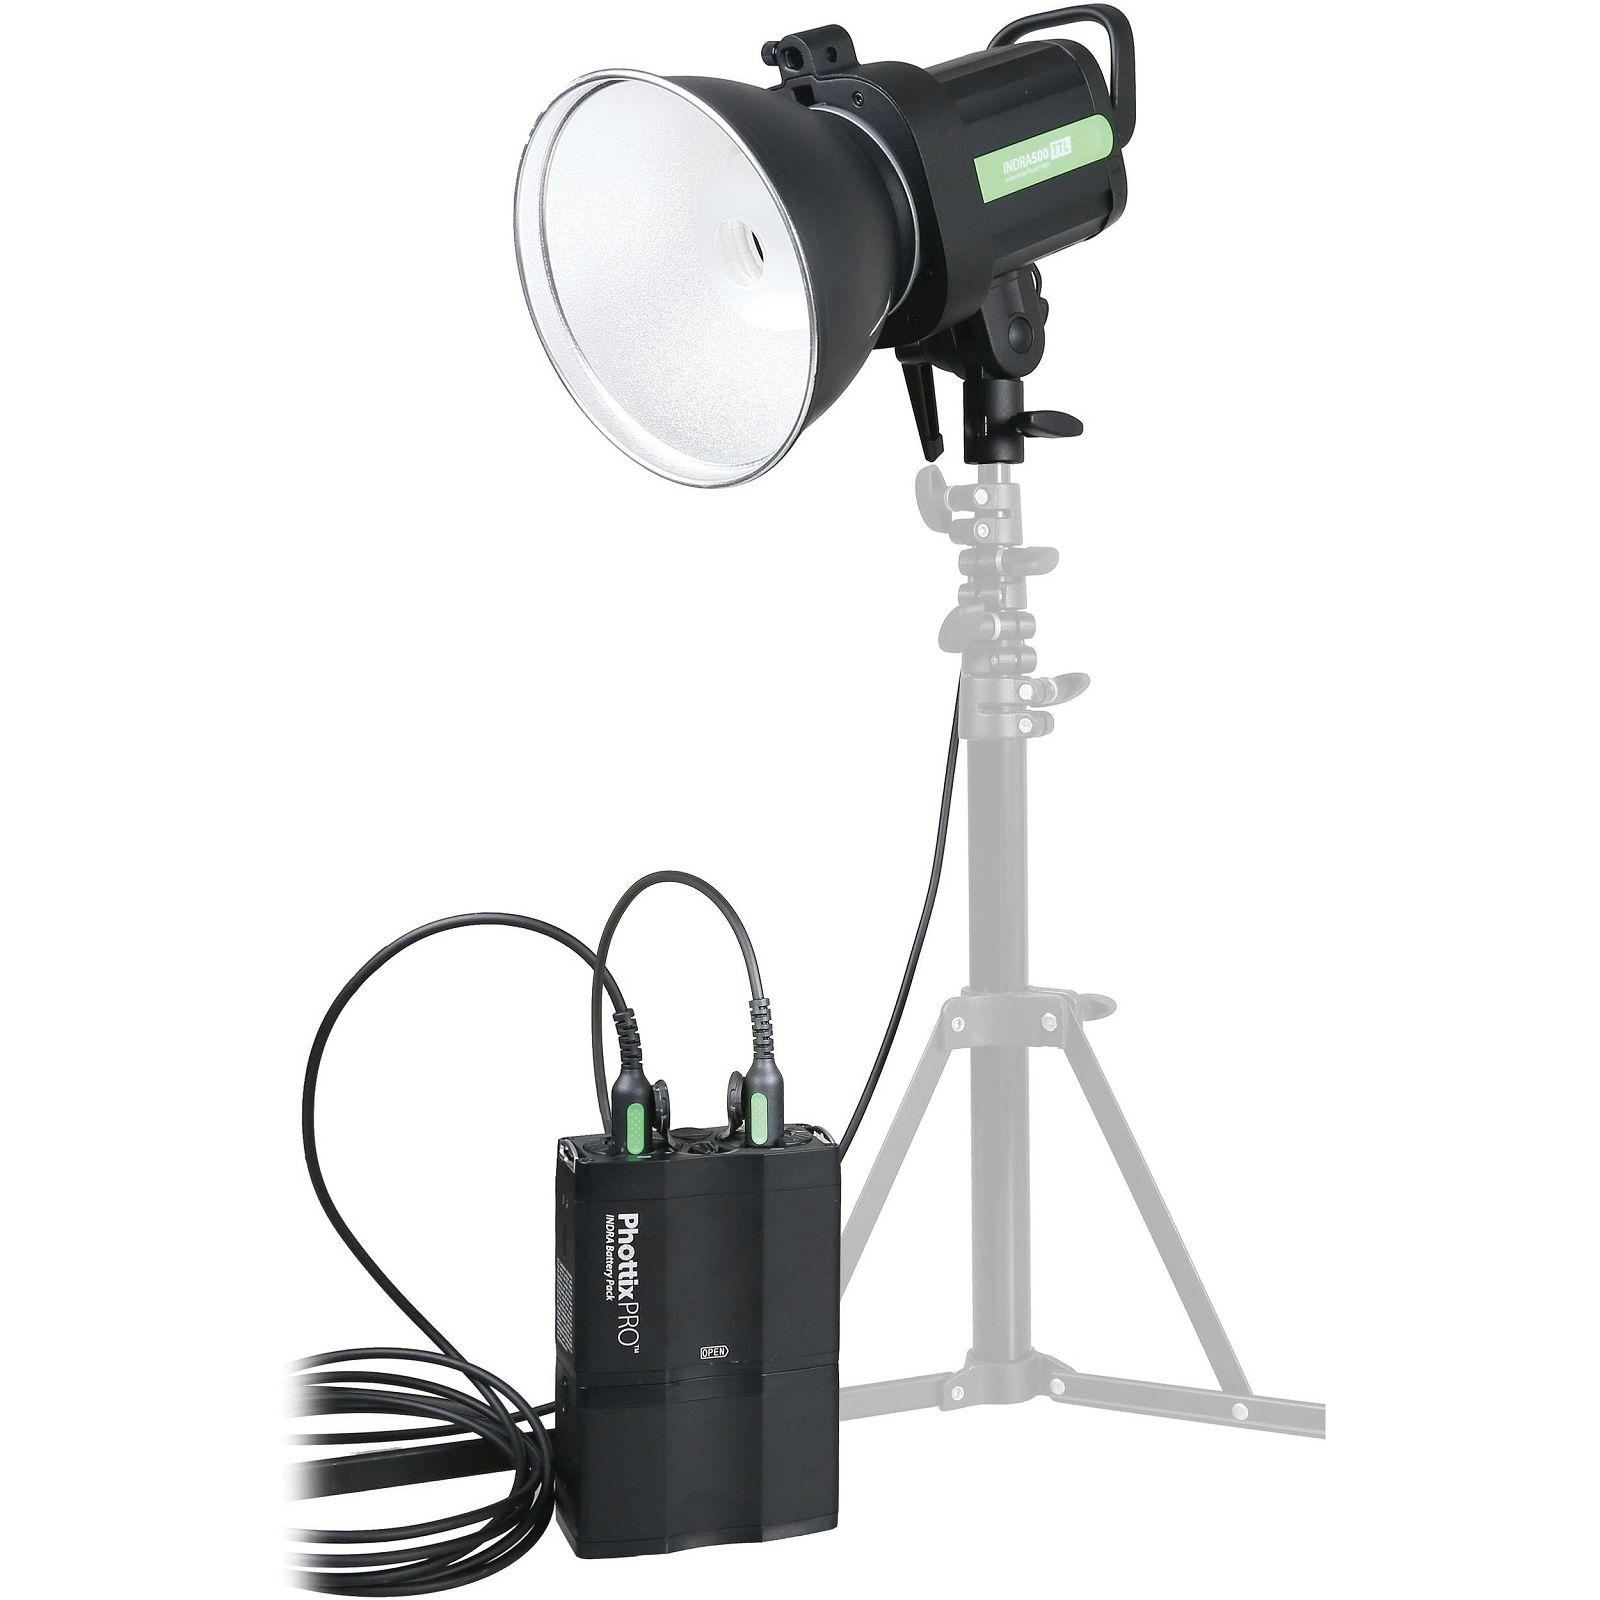 lindqvist led lights motion fotograf camera header paul hedler review stop blog tips lighting